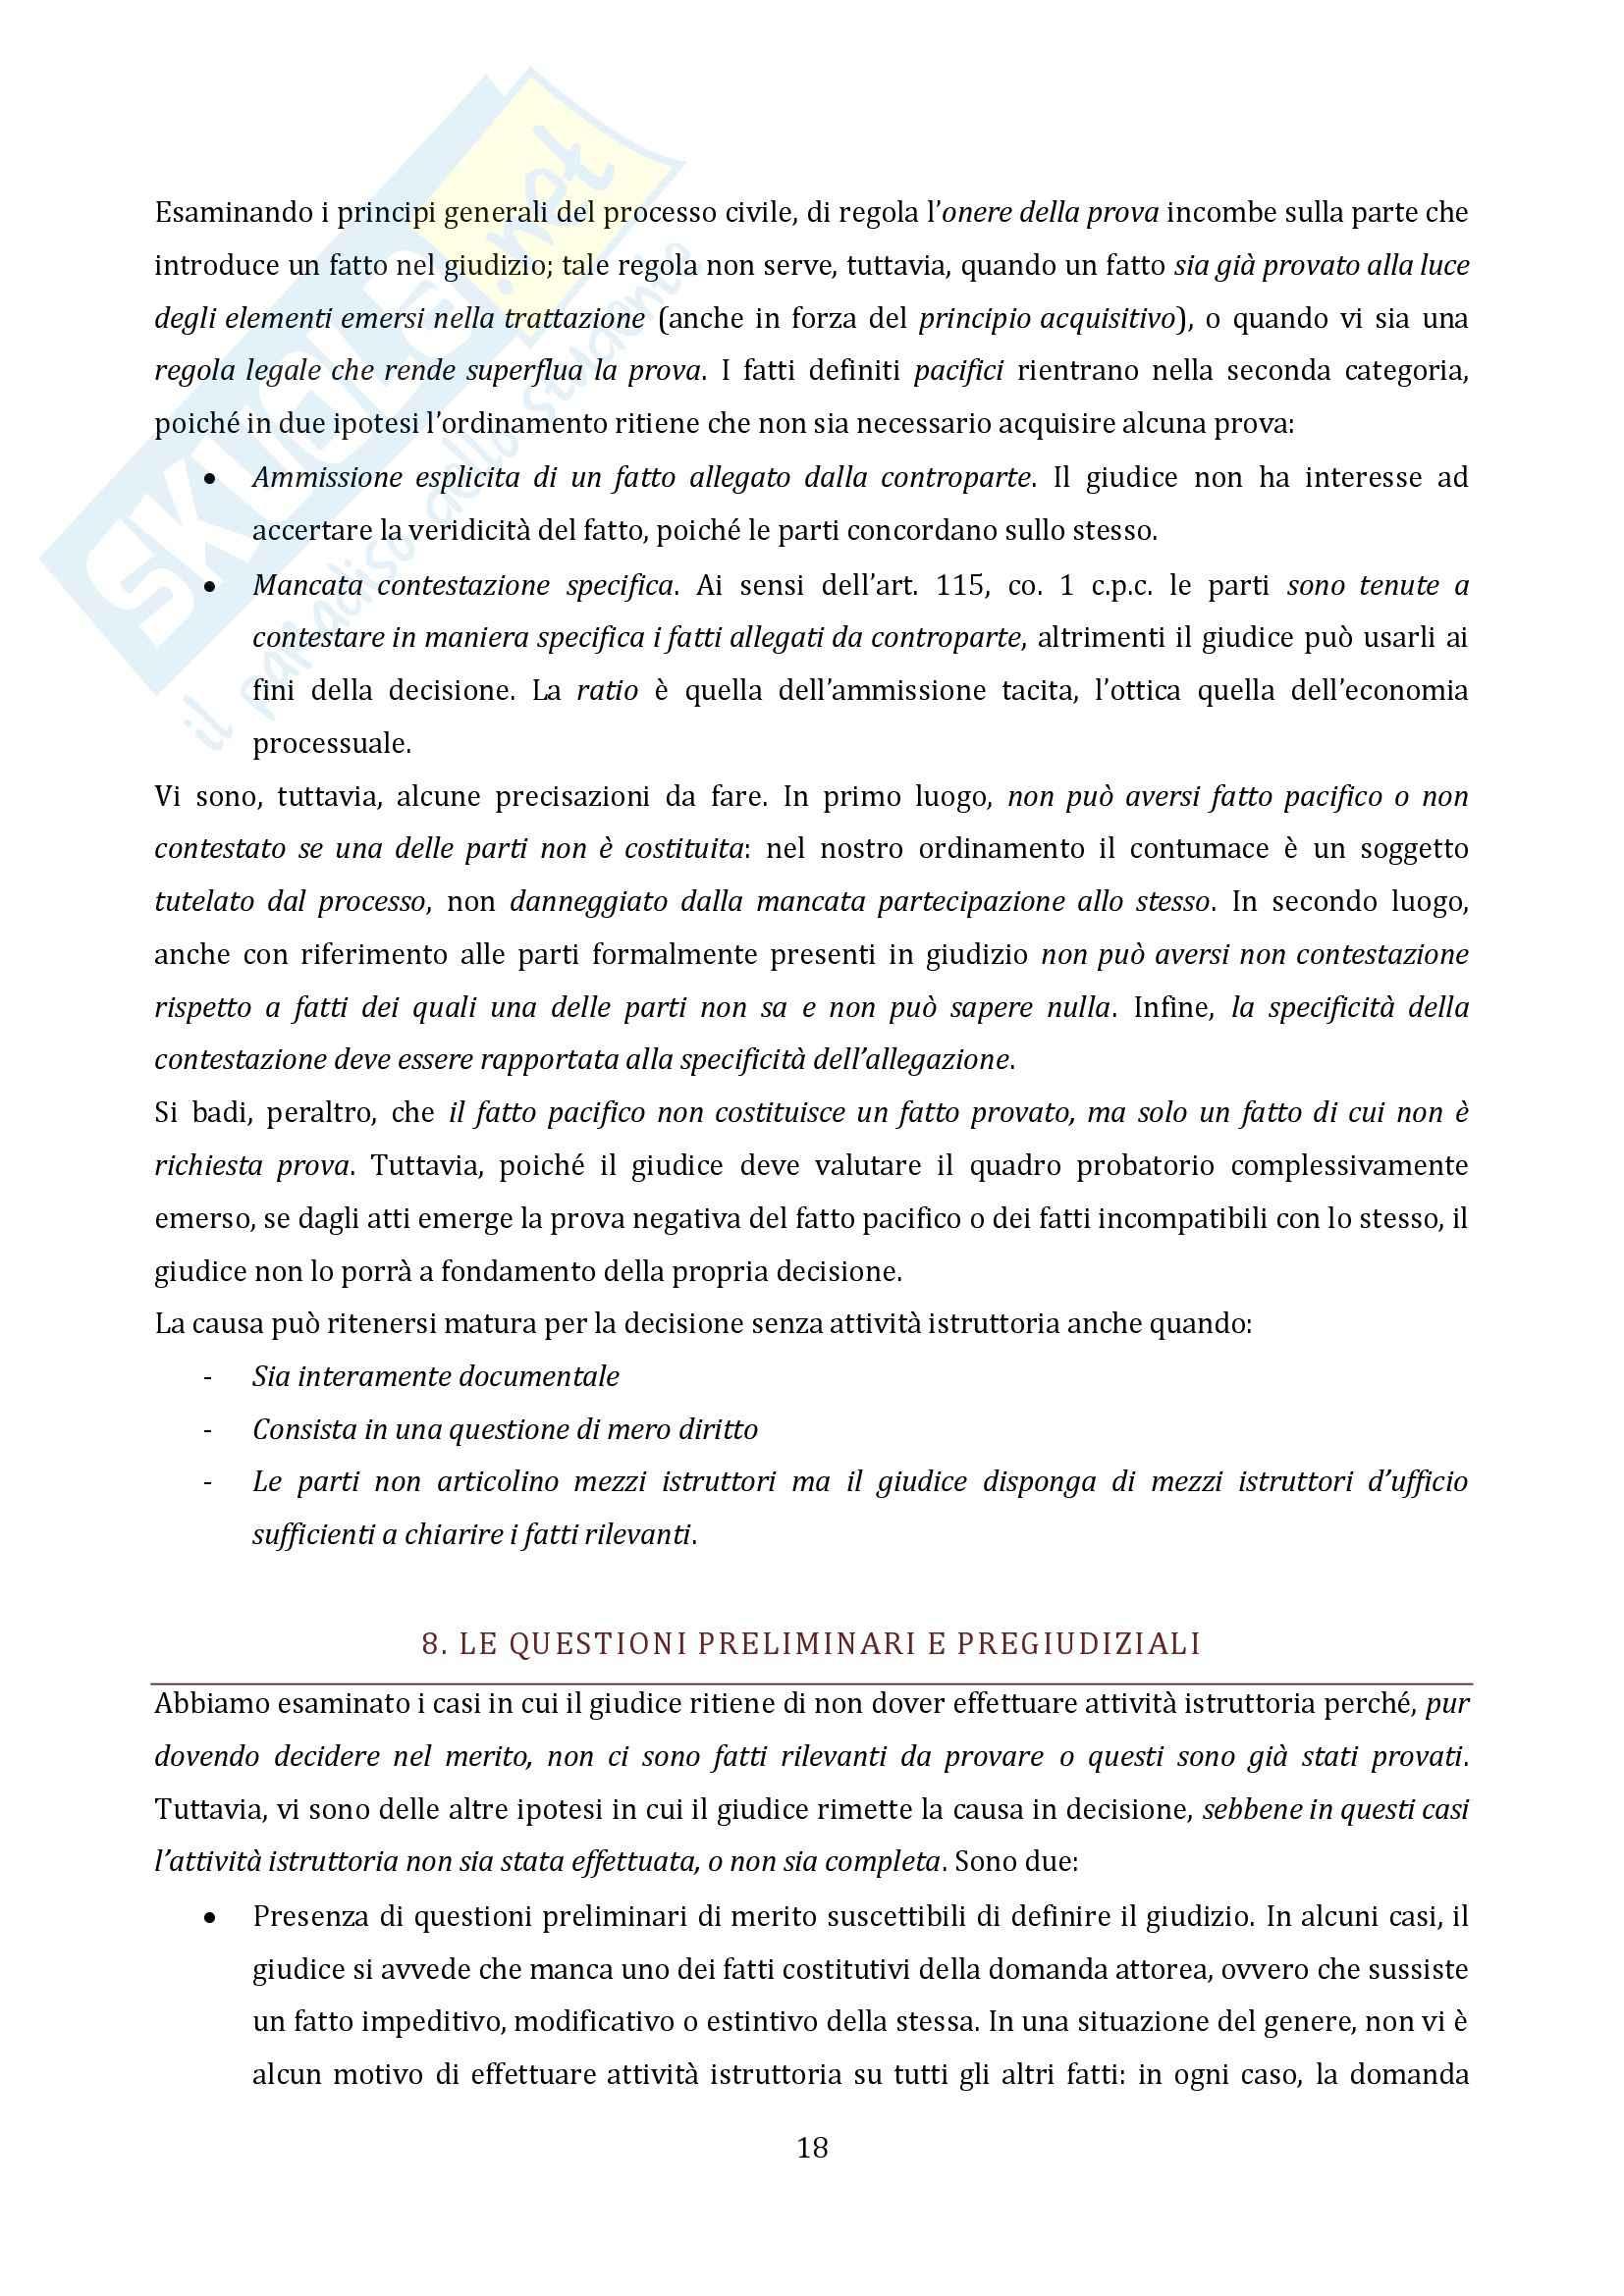 Riassunto esame Diritto Processuale Civile, Il Processo di Cognizione, prof. Vaccarella Pag. 16